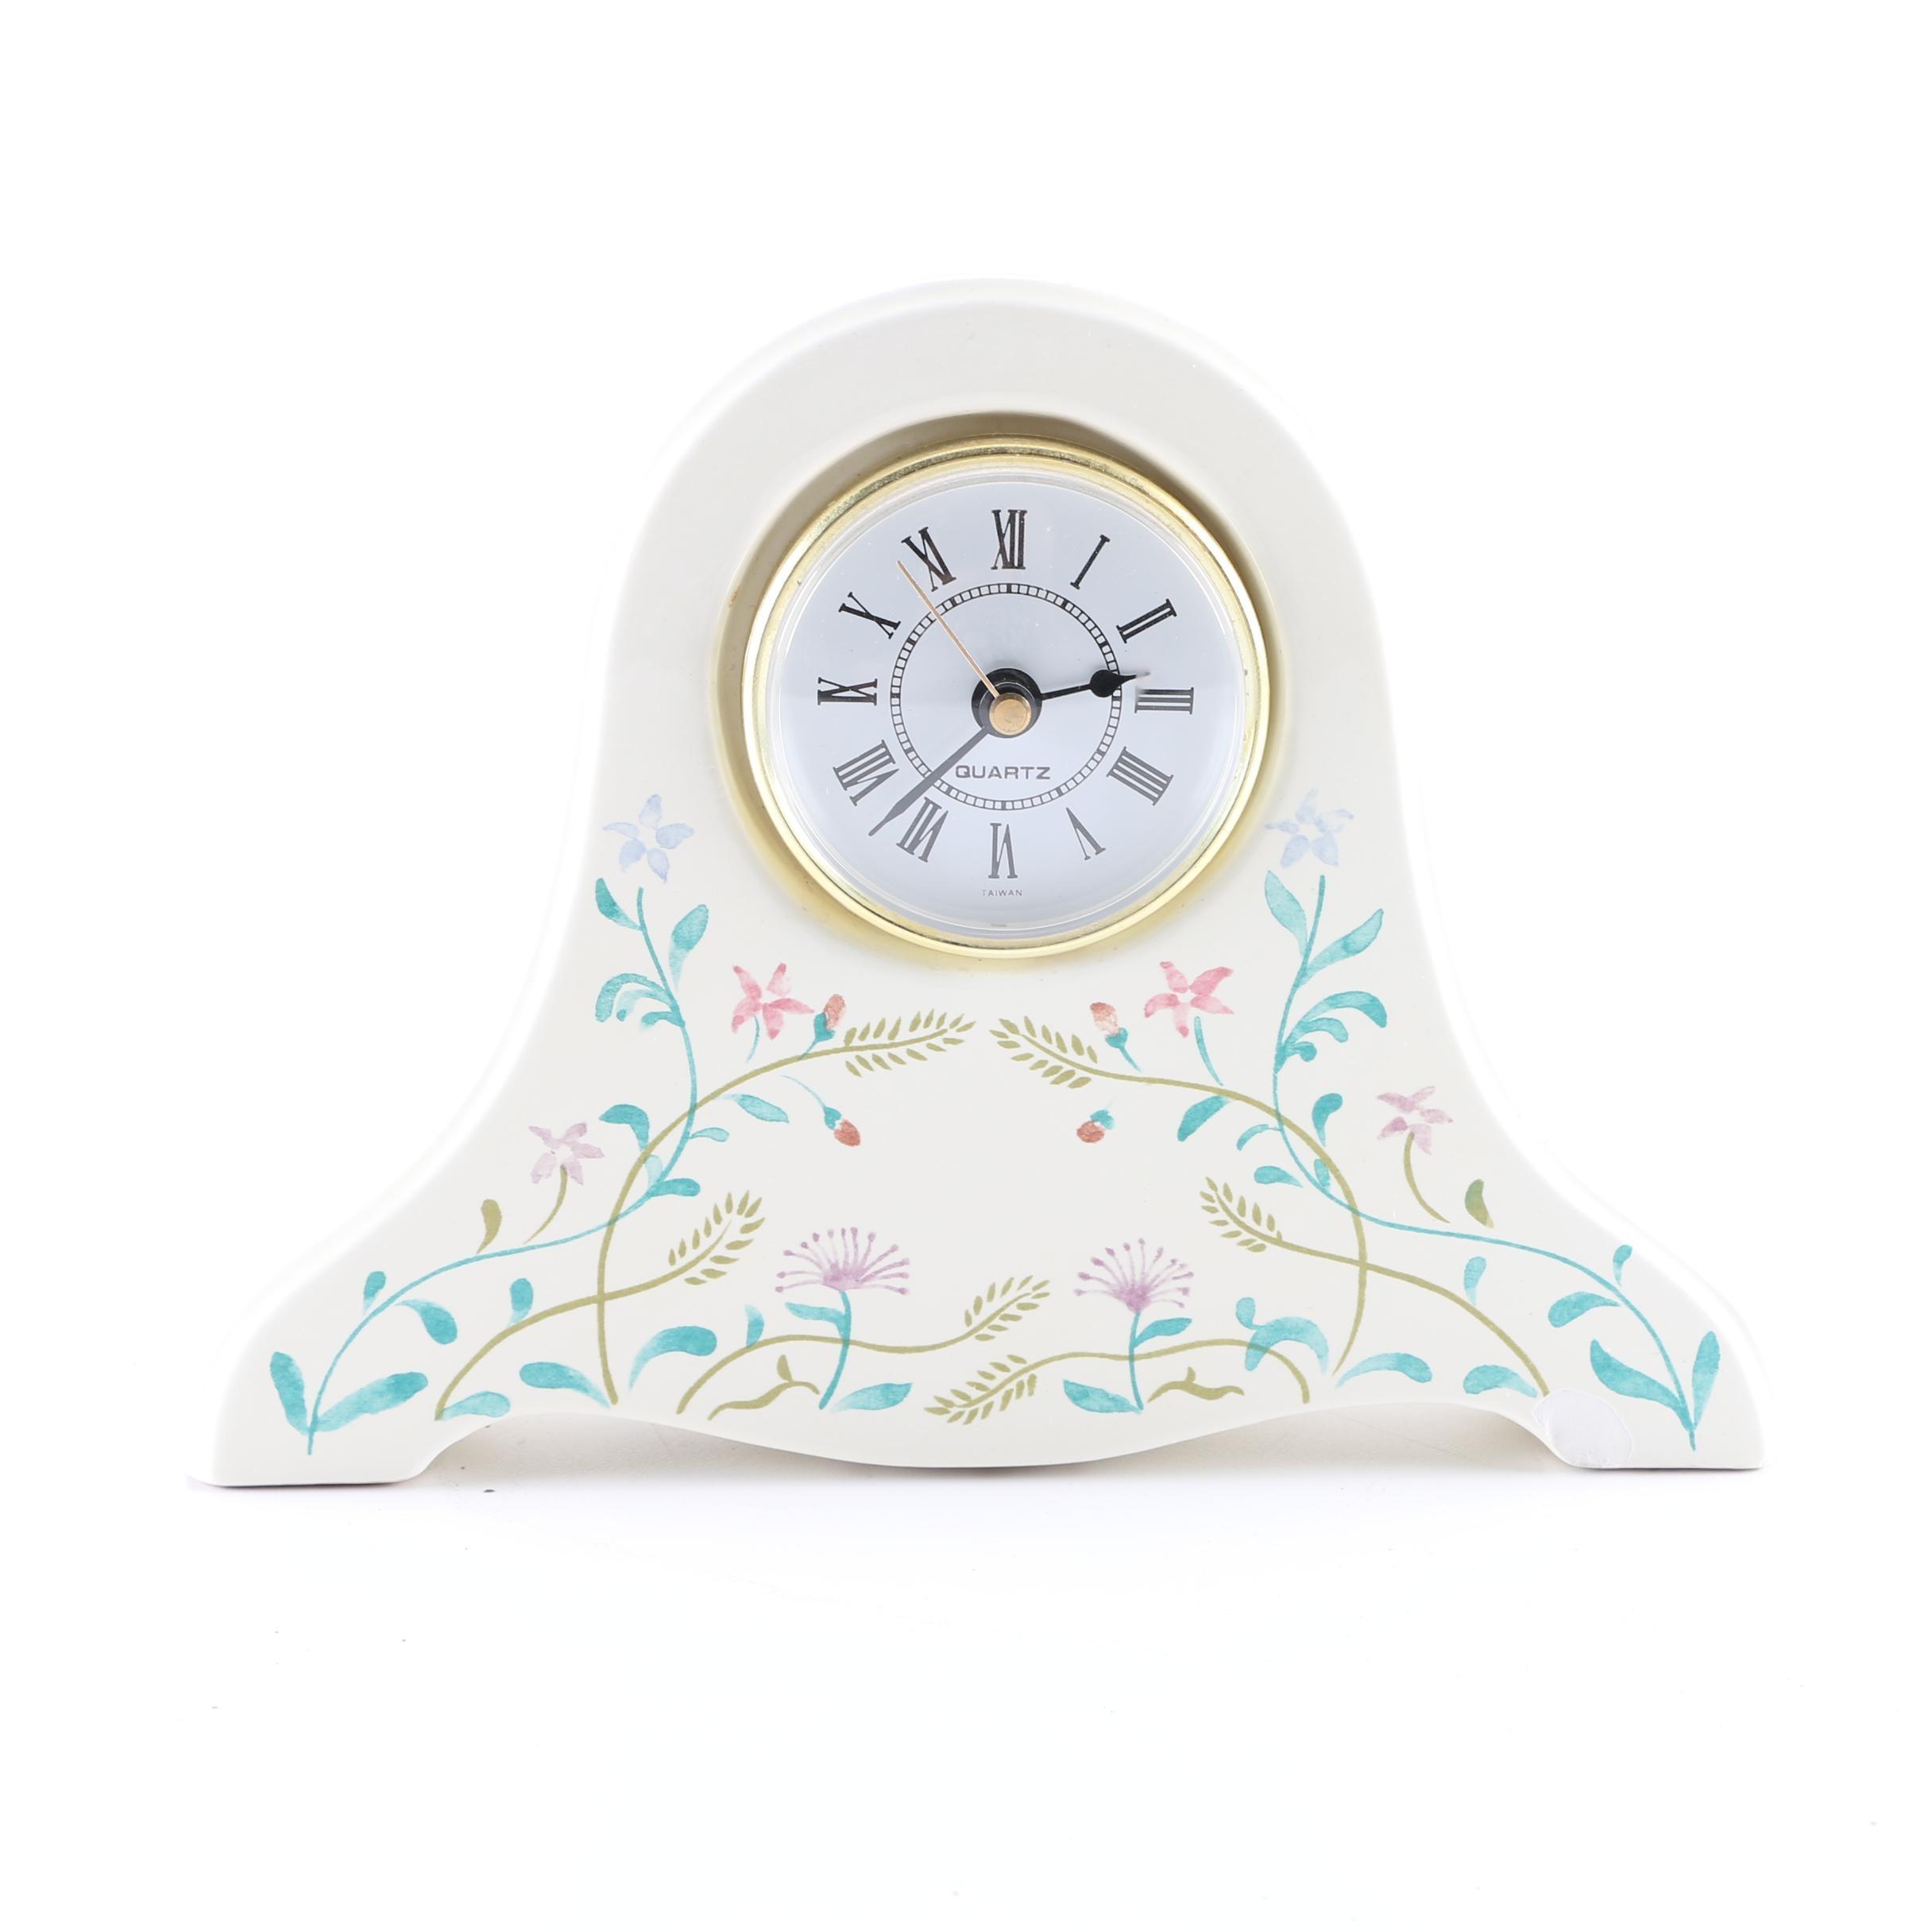 Ceramic Mantel Clock